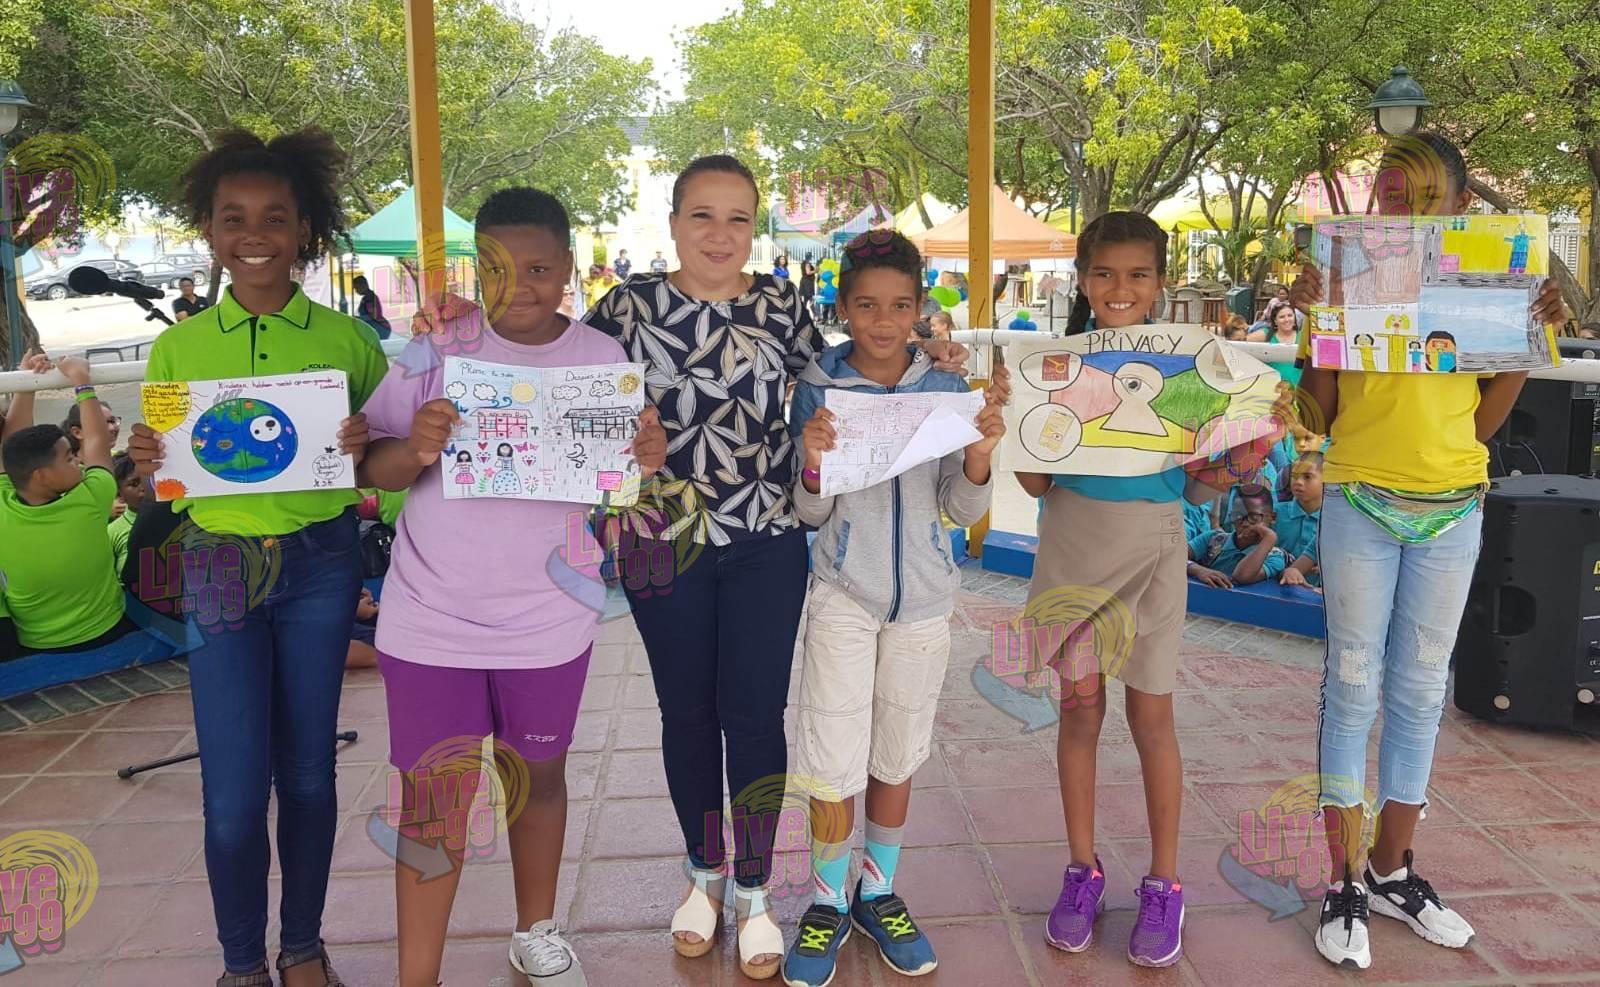 EVENTO INTERINO DI UNICEF SU FESTIVAL DI PELÍKULA TOKANTE DERECHO DI MUCHA